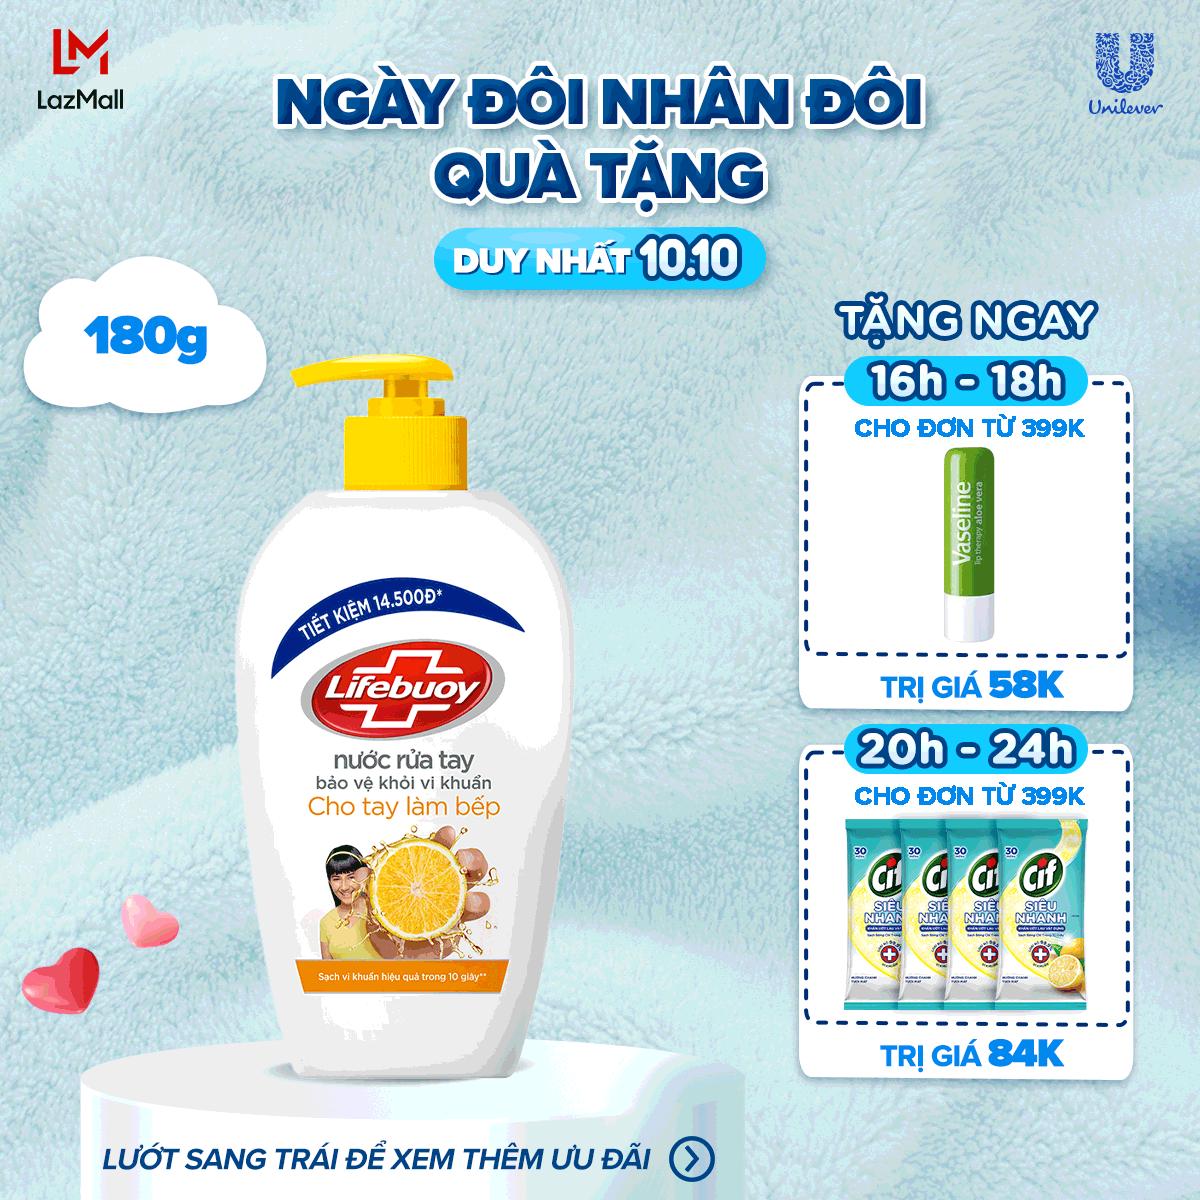 Nước rửa tay Lifebuoy 180g Chanh khử mùi và giúp bảo vệ khỏi 99.9% vi khuẩn trên tay